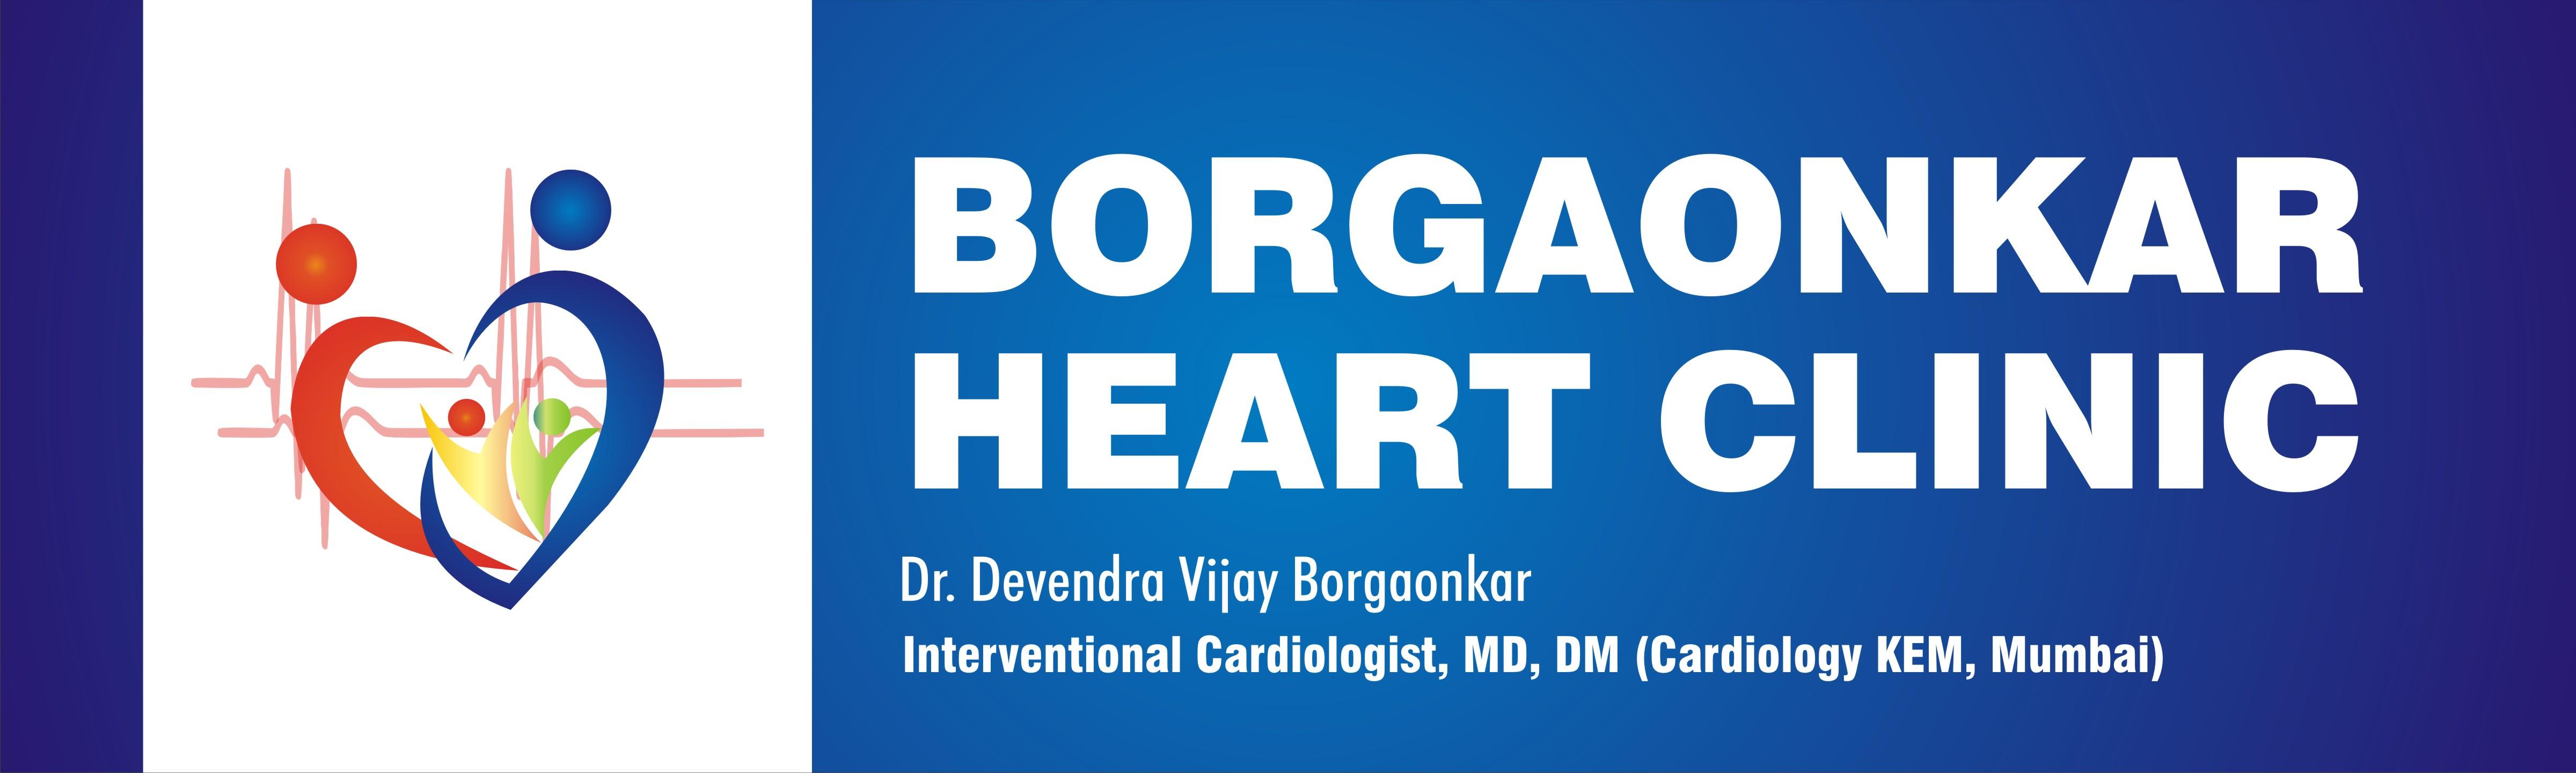 Borgaonkar Heart Clinic_image2